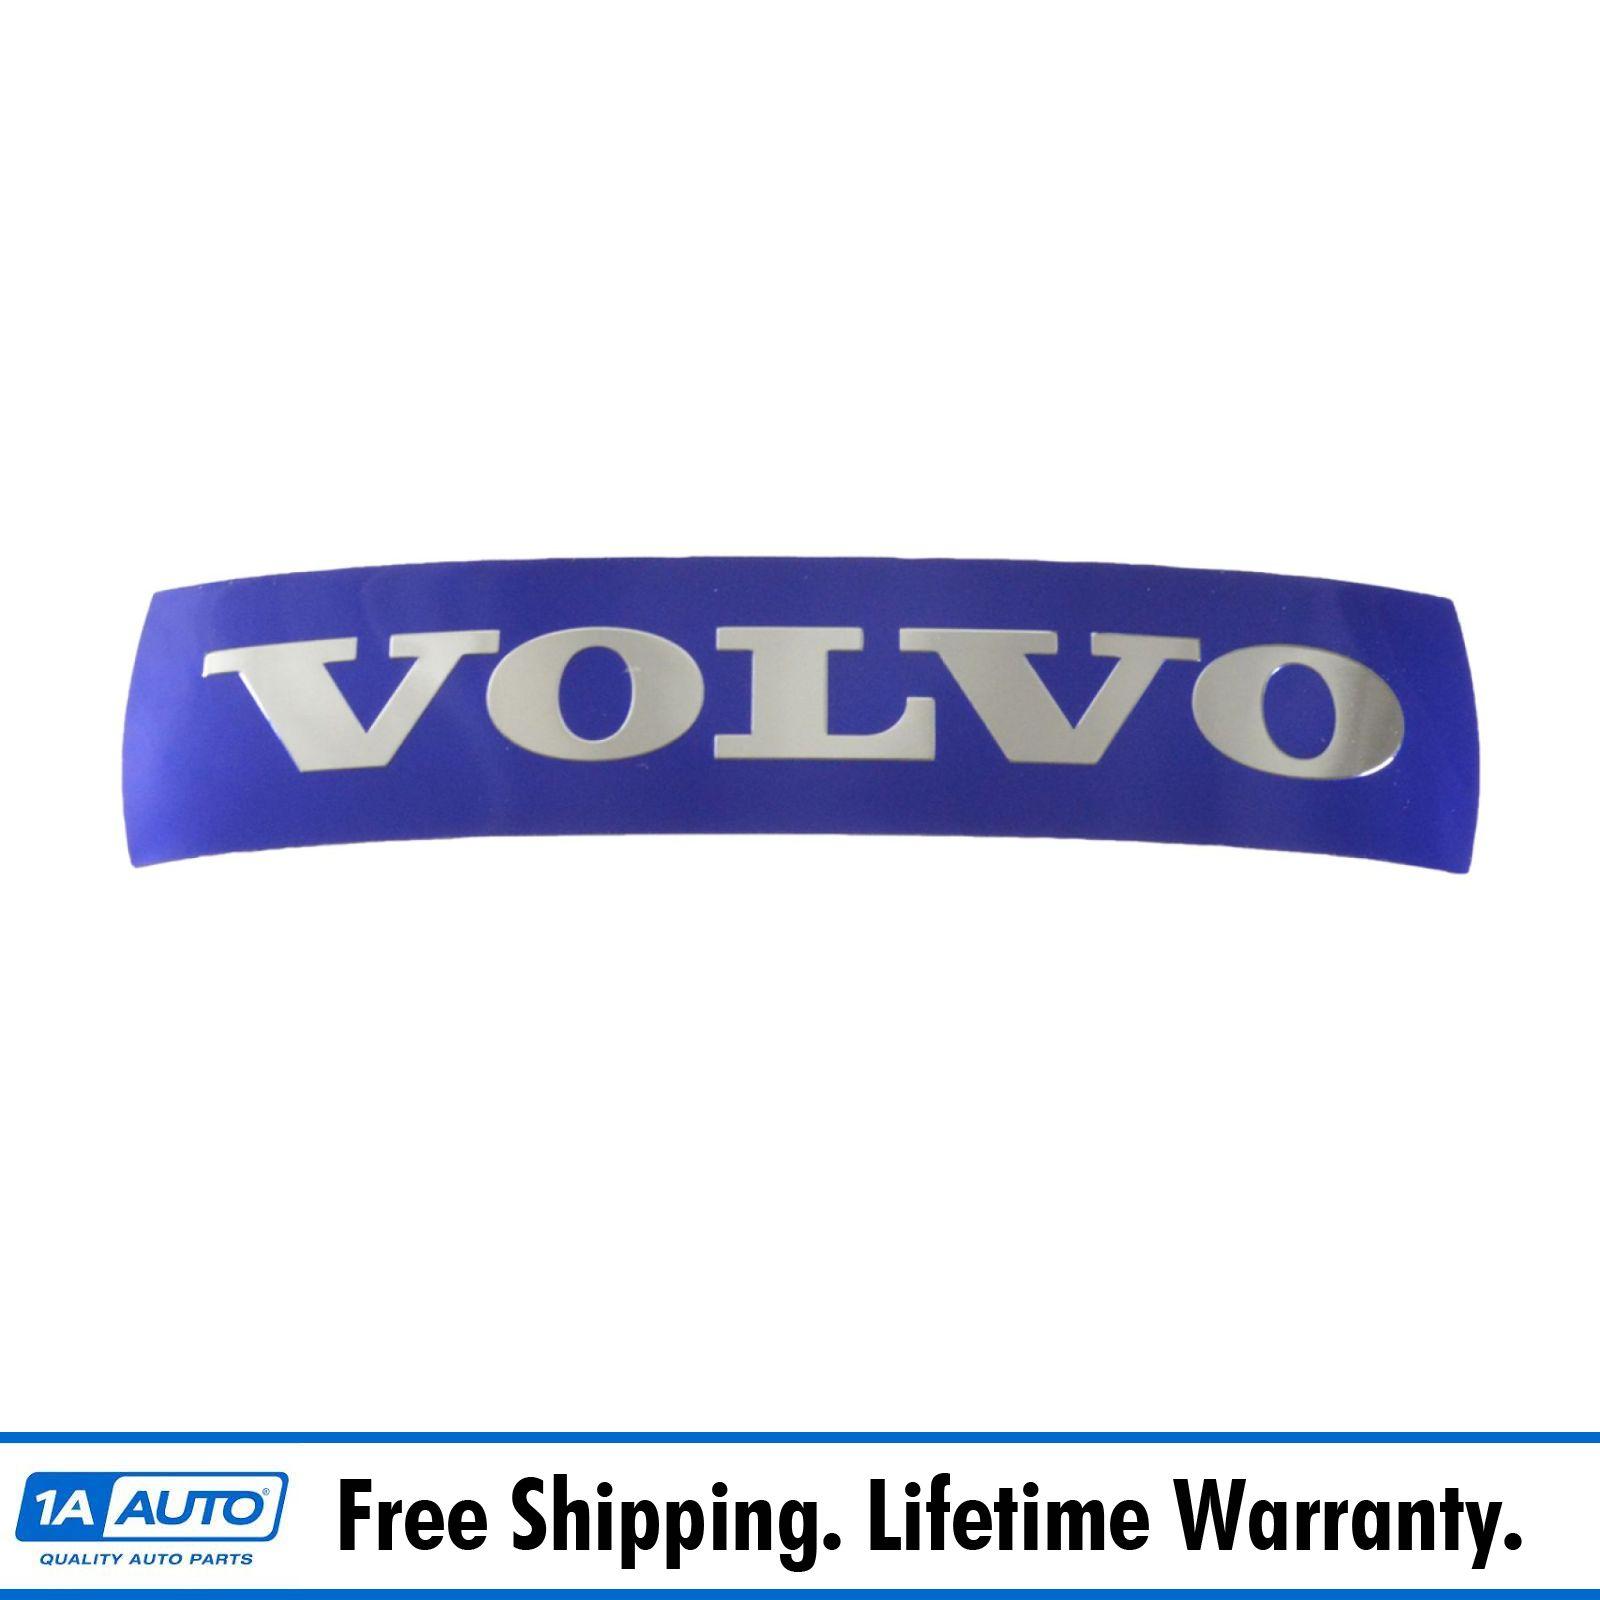 Genuine Volvo 31214625 Front Radiator Grille Blue Emblem